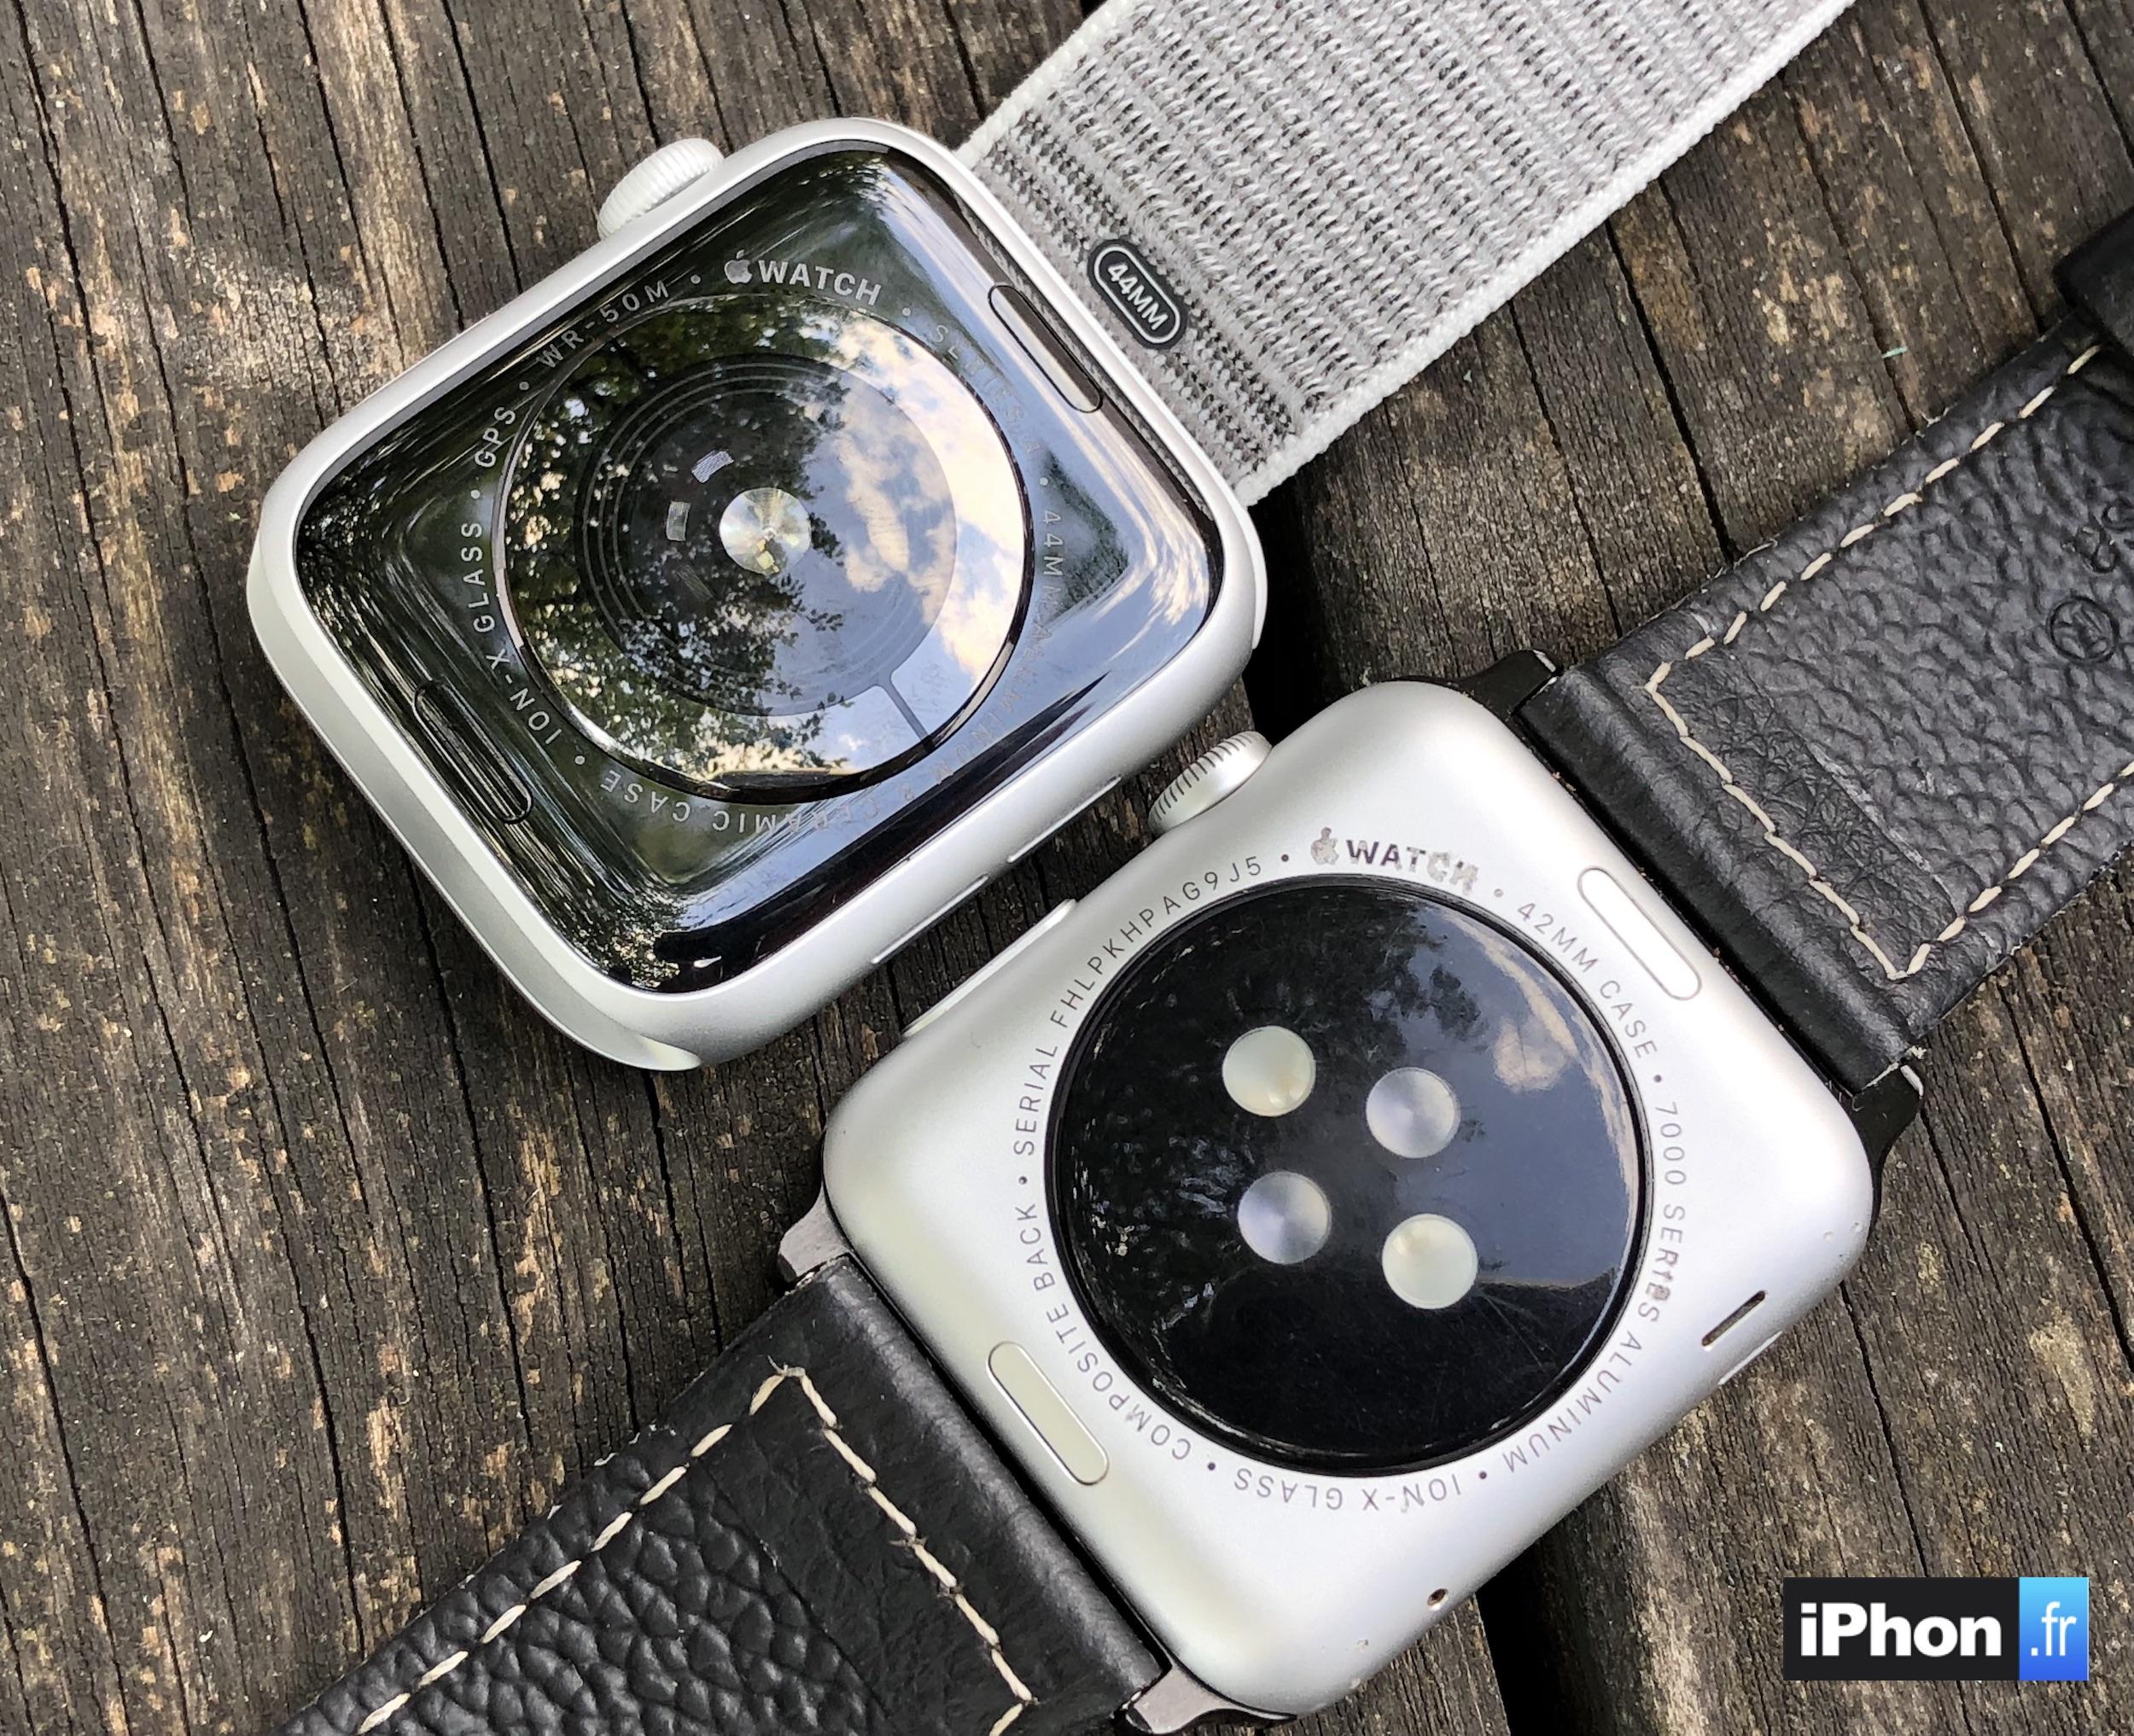 Nouveau câble de recharge Apple Watch avec prise USB-C disponible chez Apple 1